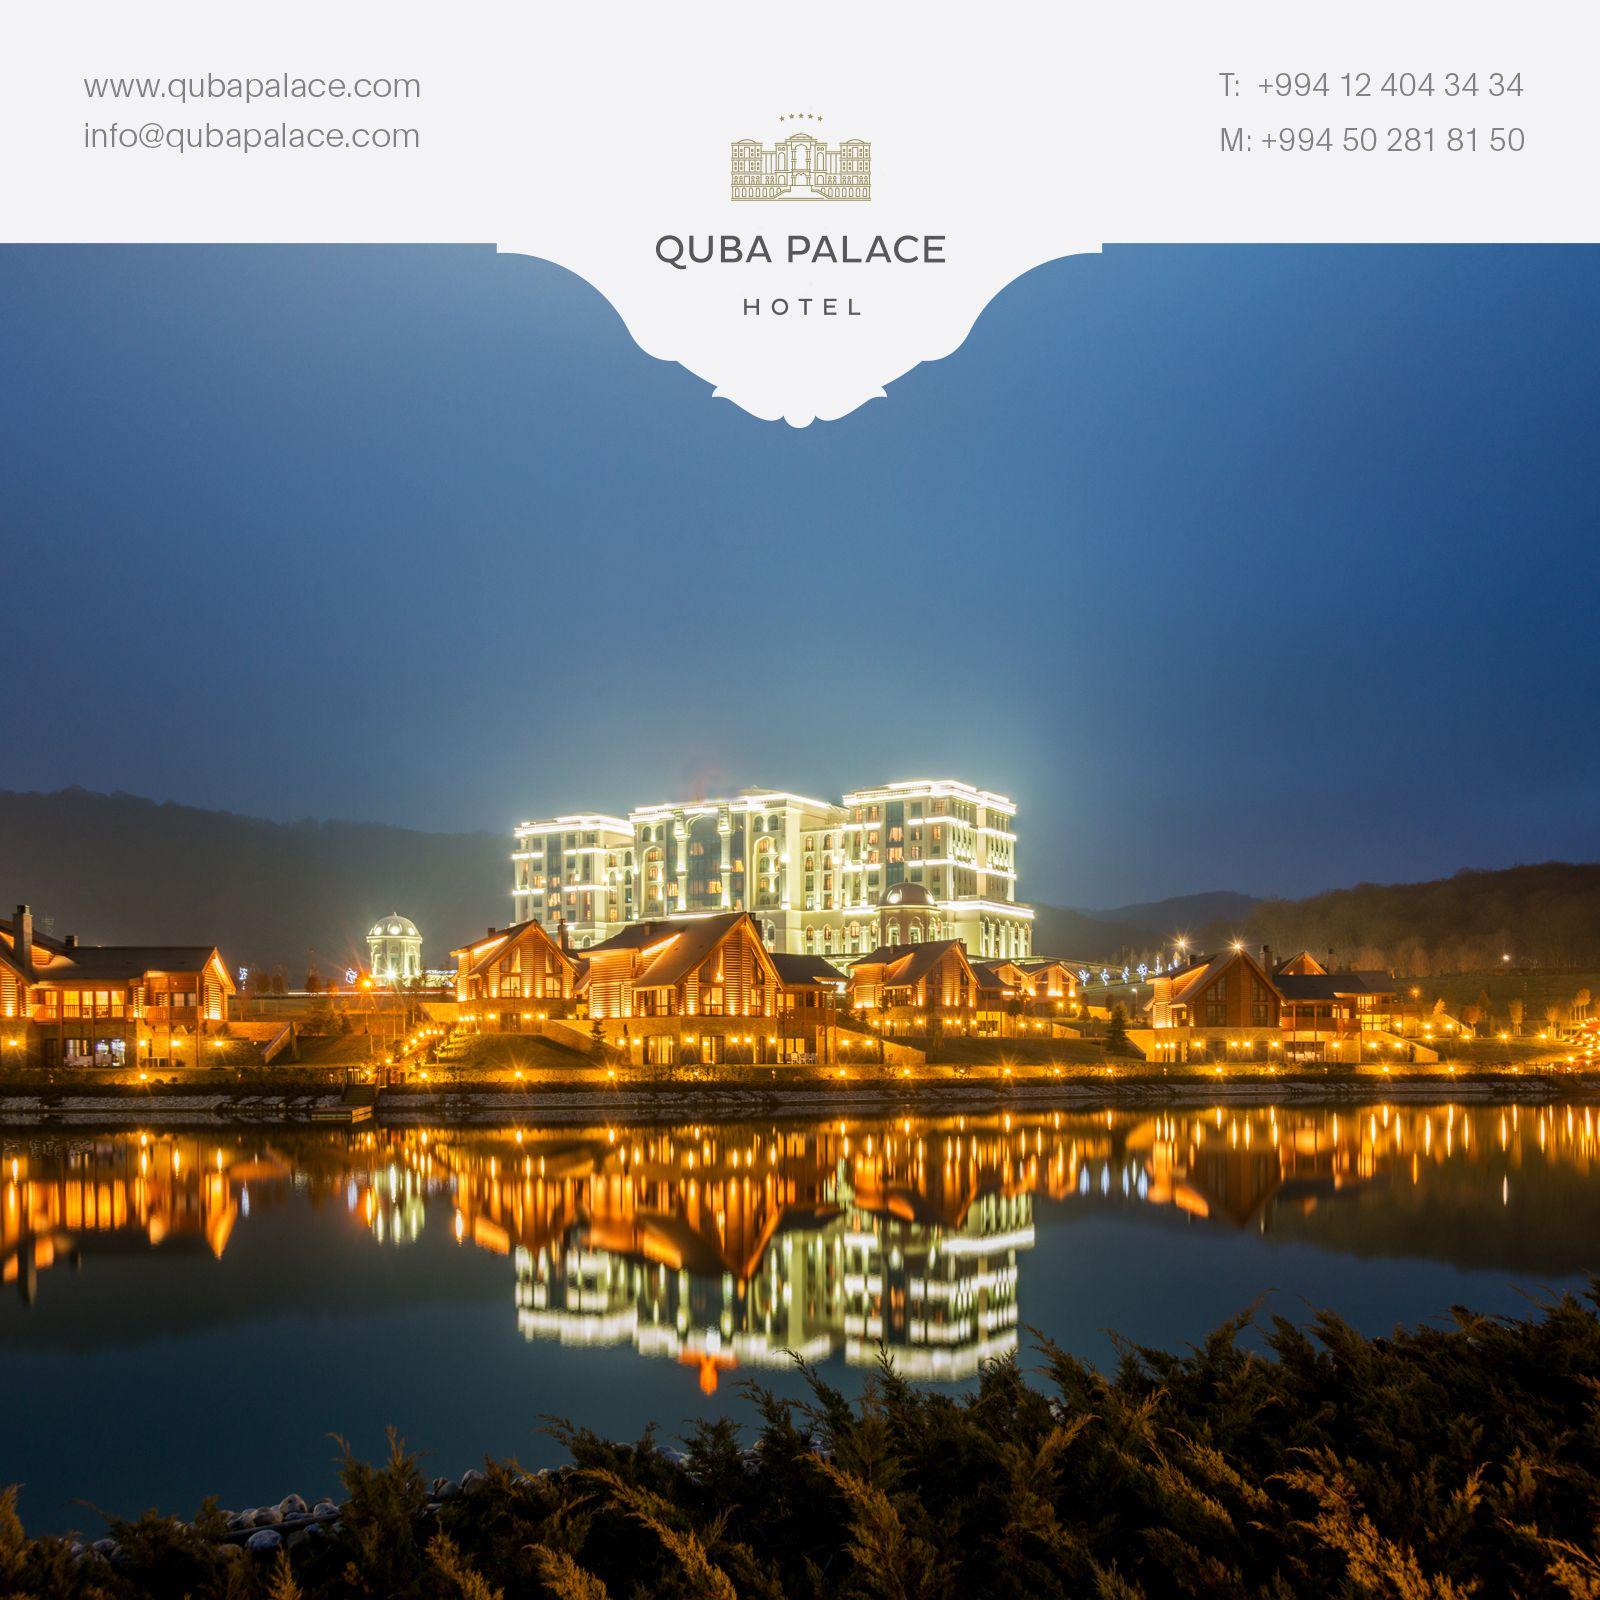 Ecazkar Gecə Goruntusu Ilə Quba Palace Hotel With Amazing Night View Quba Palace Hotel Palace Hotel Hotel Azerbaijan